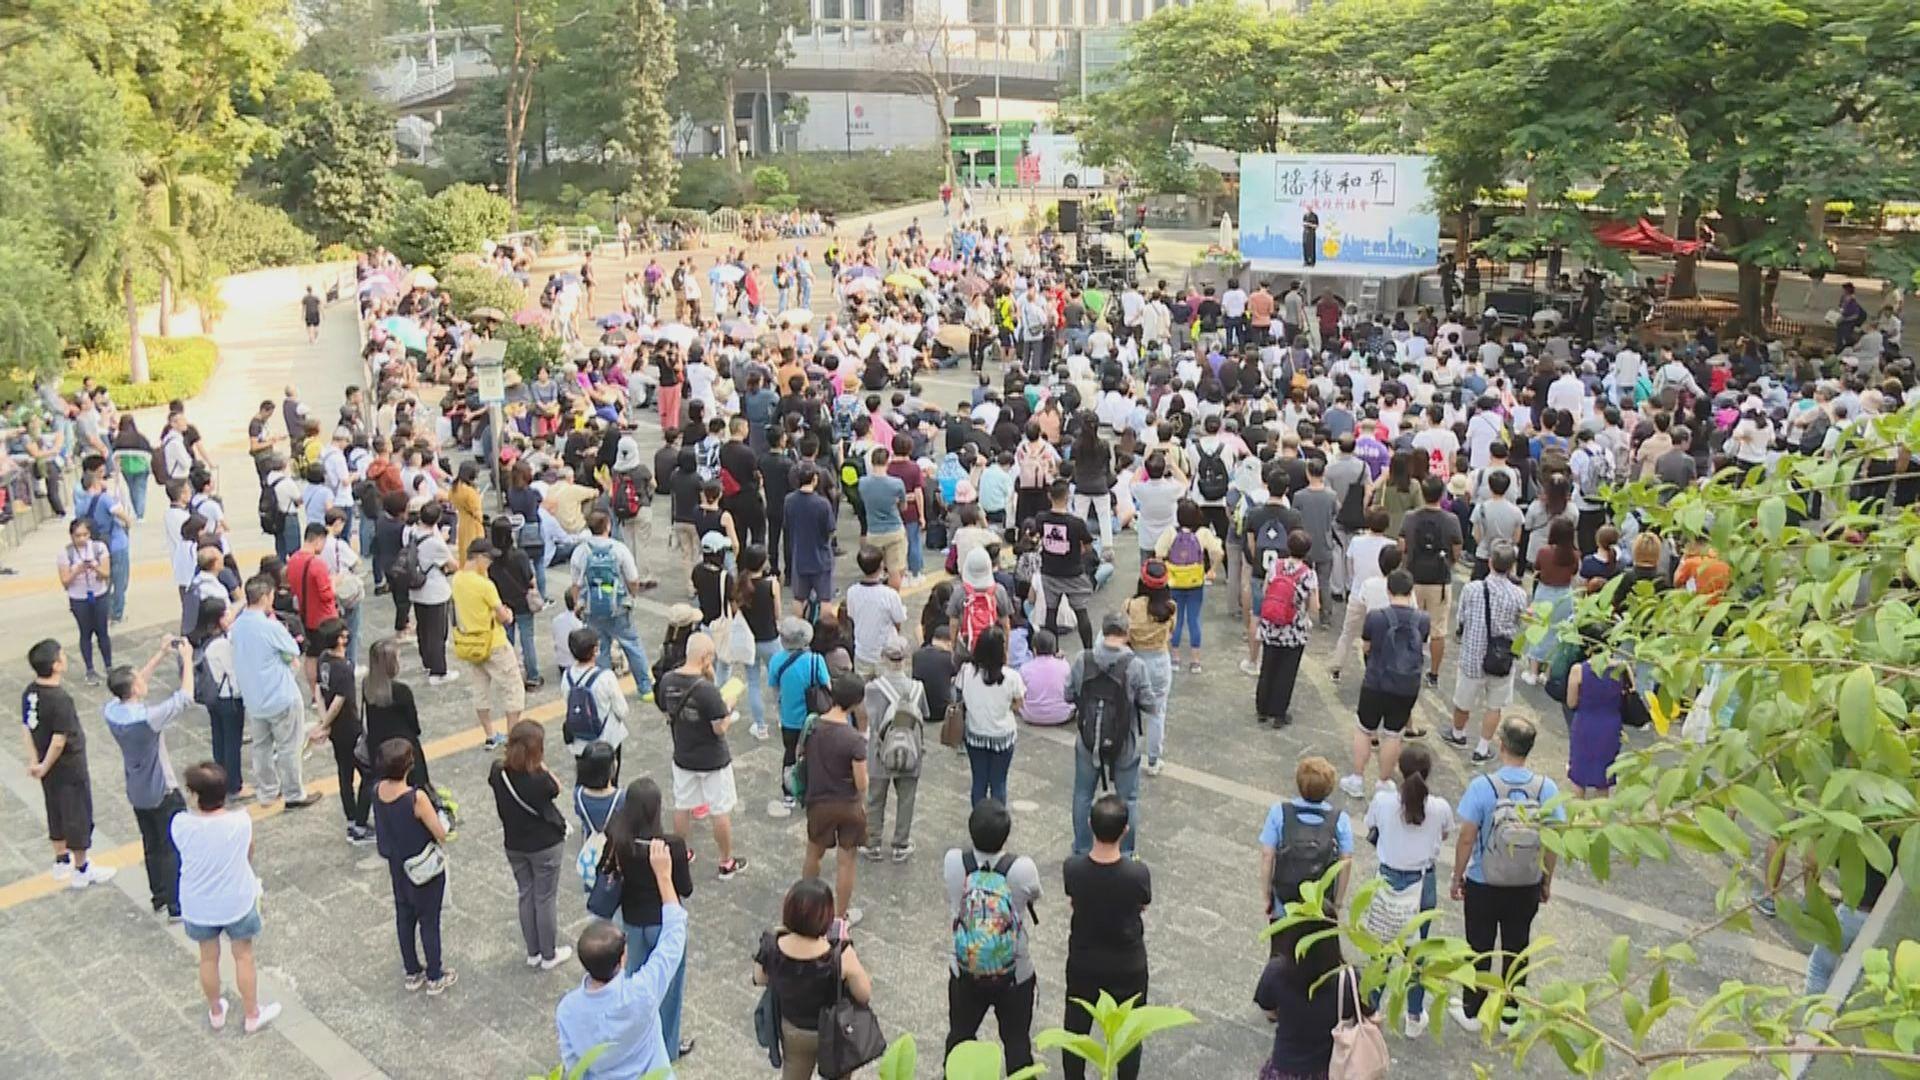 遮打花園祈禱會逾百人參與 為香港民主祈禱